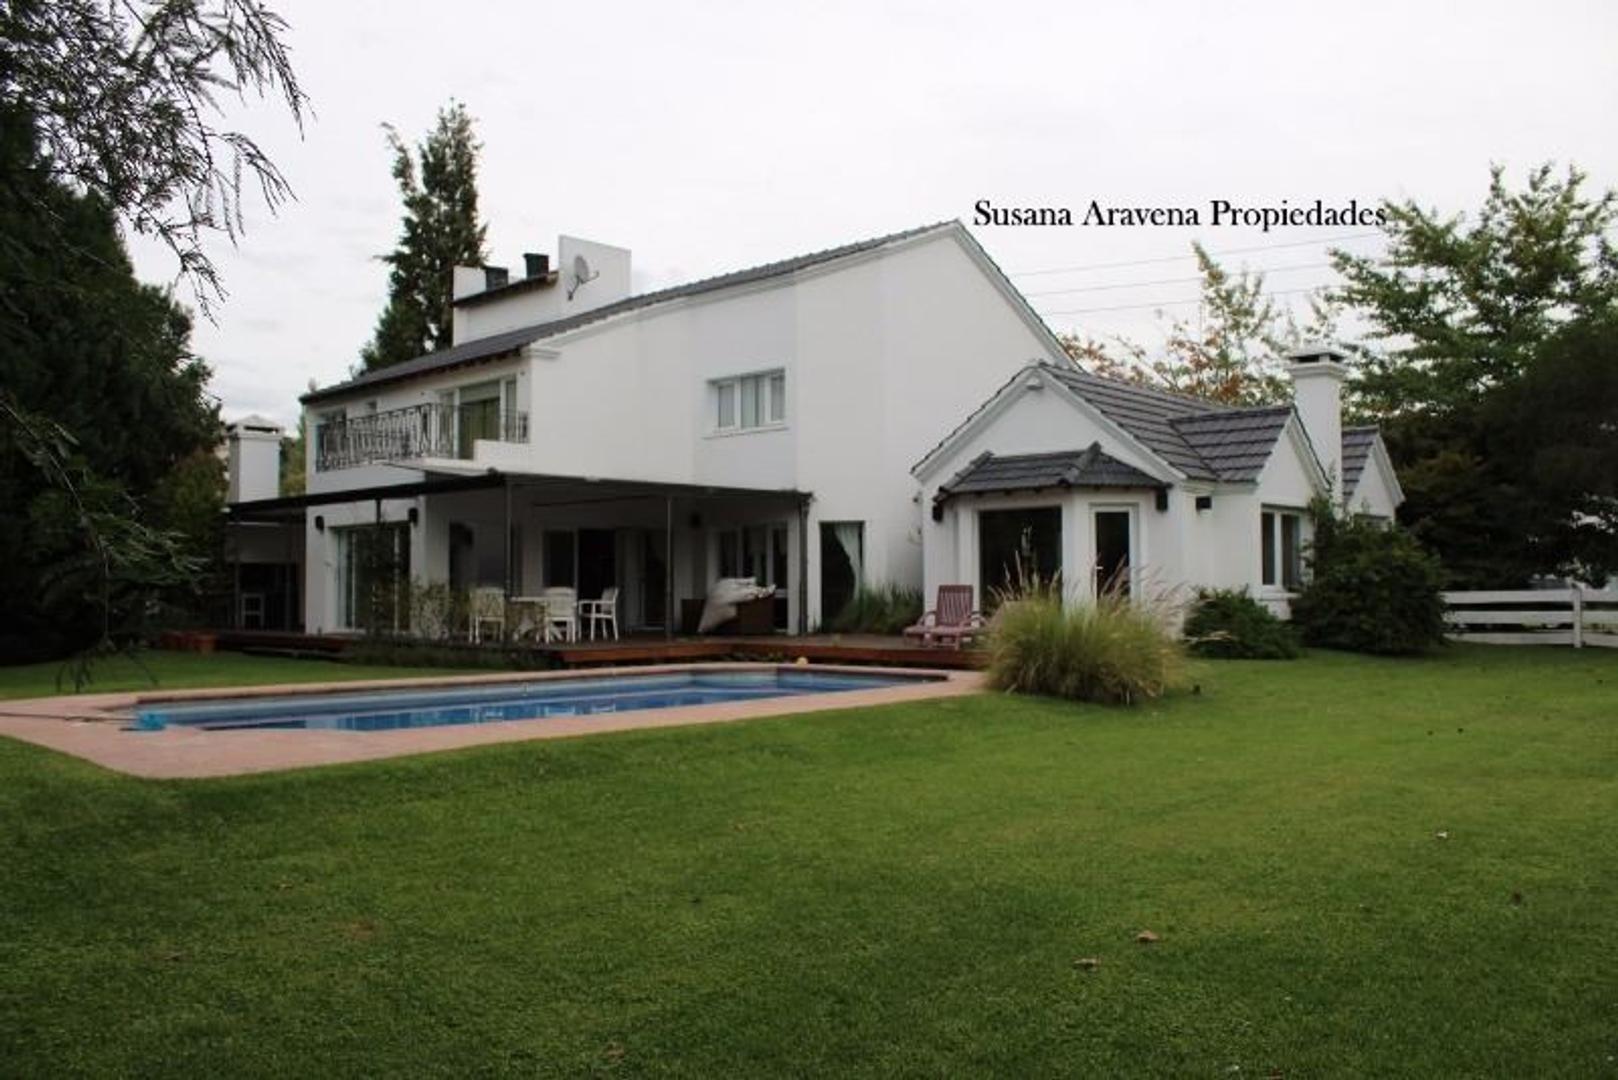 Susana Aravena Propiedades Casa en Alquiler en Mayling